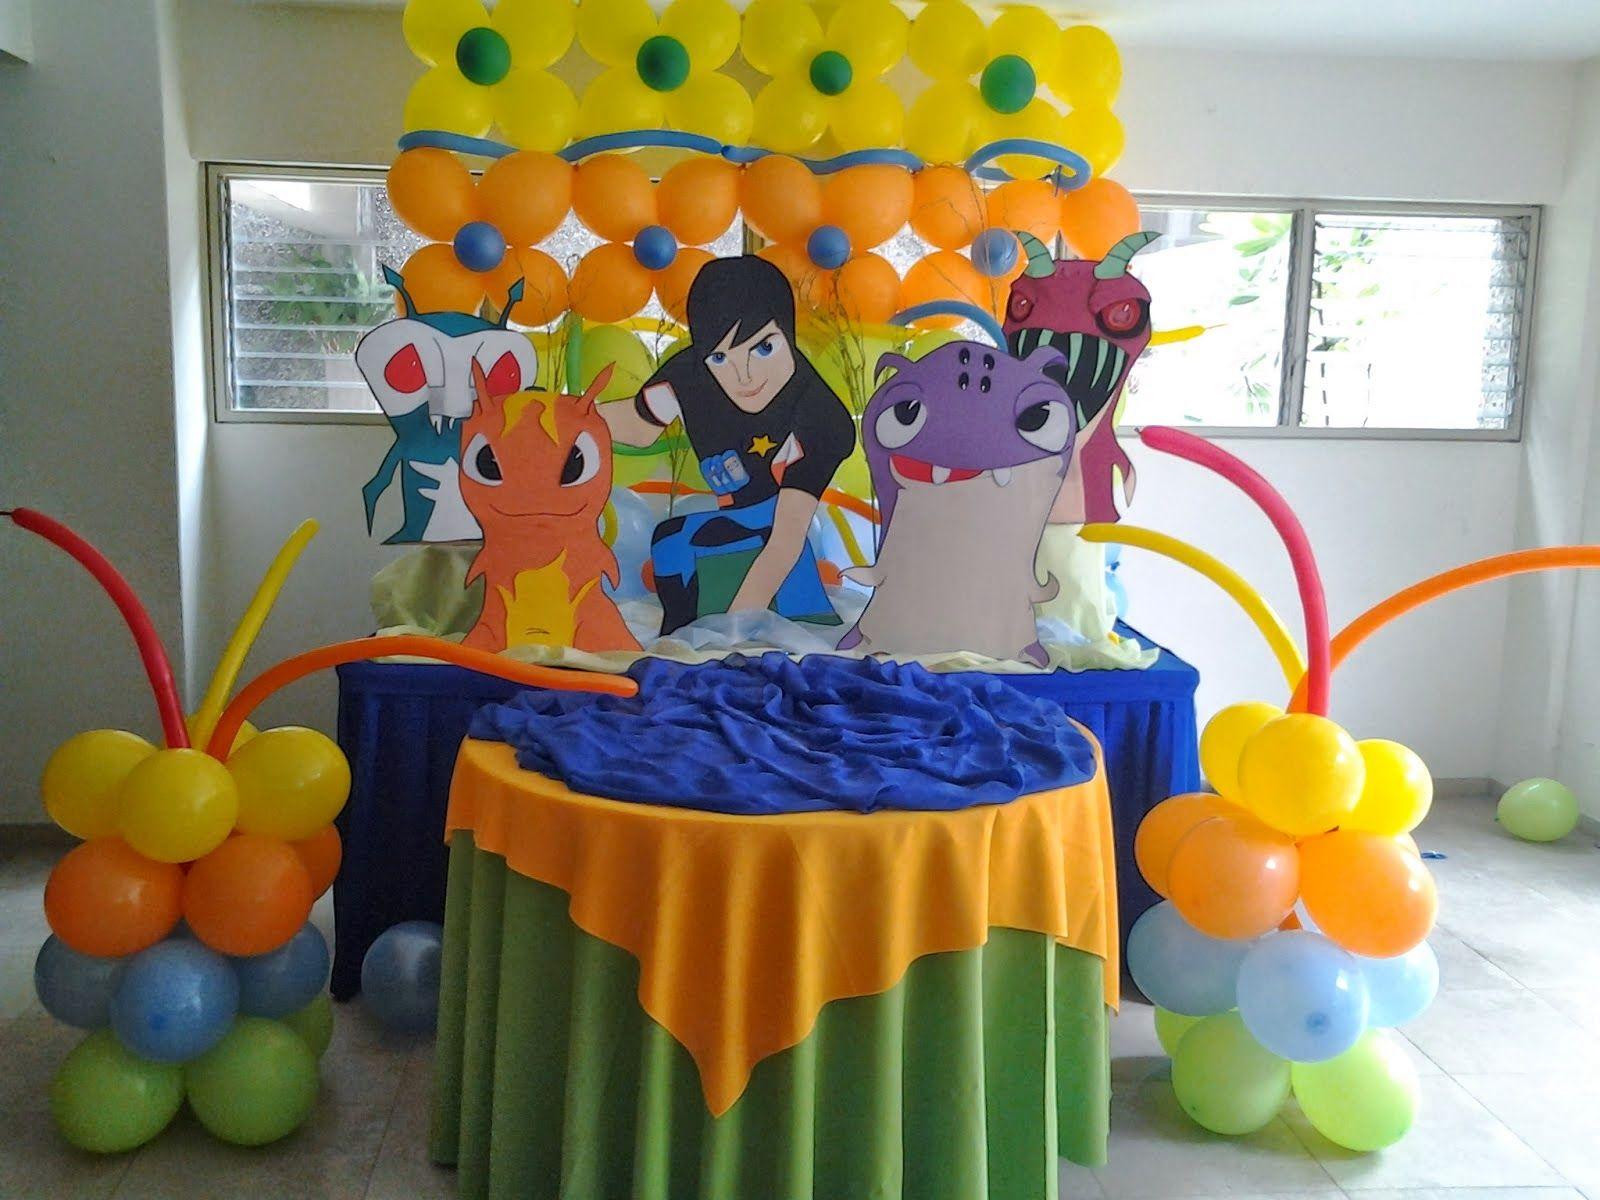 decoracion de fiesta bajoterra Buscar con Google